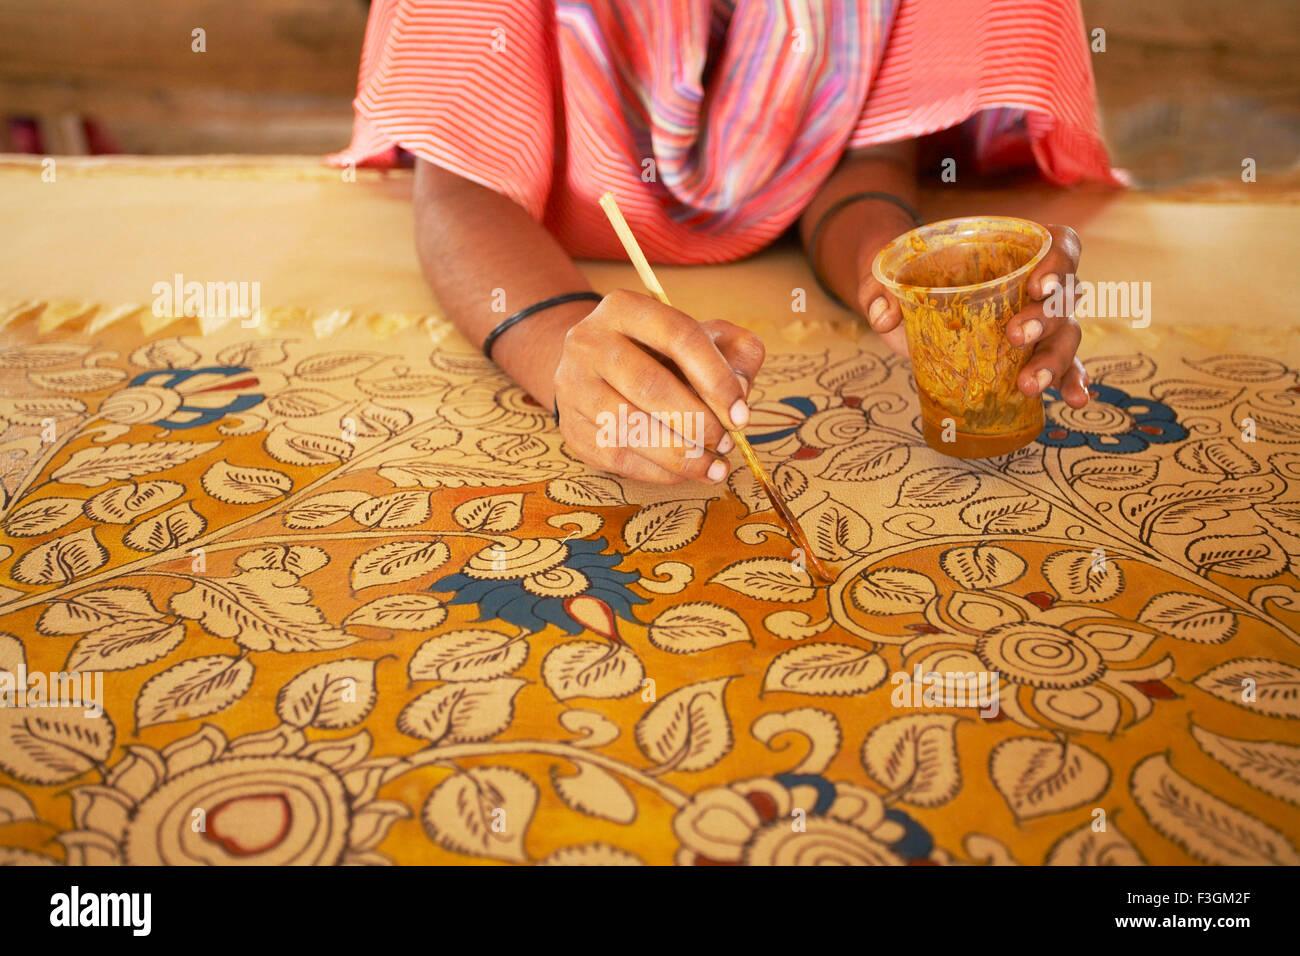 Marvelous Kalamkari Textile Craft Hand Application Of Vegetable Dye Wooden Brush Hand  Drawn Design Sri Kalahasthi Andhra Pradesh